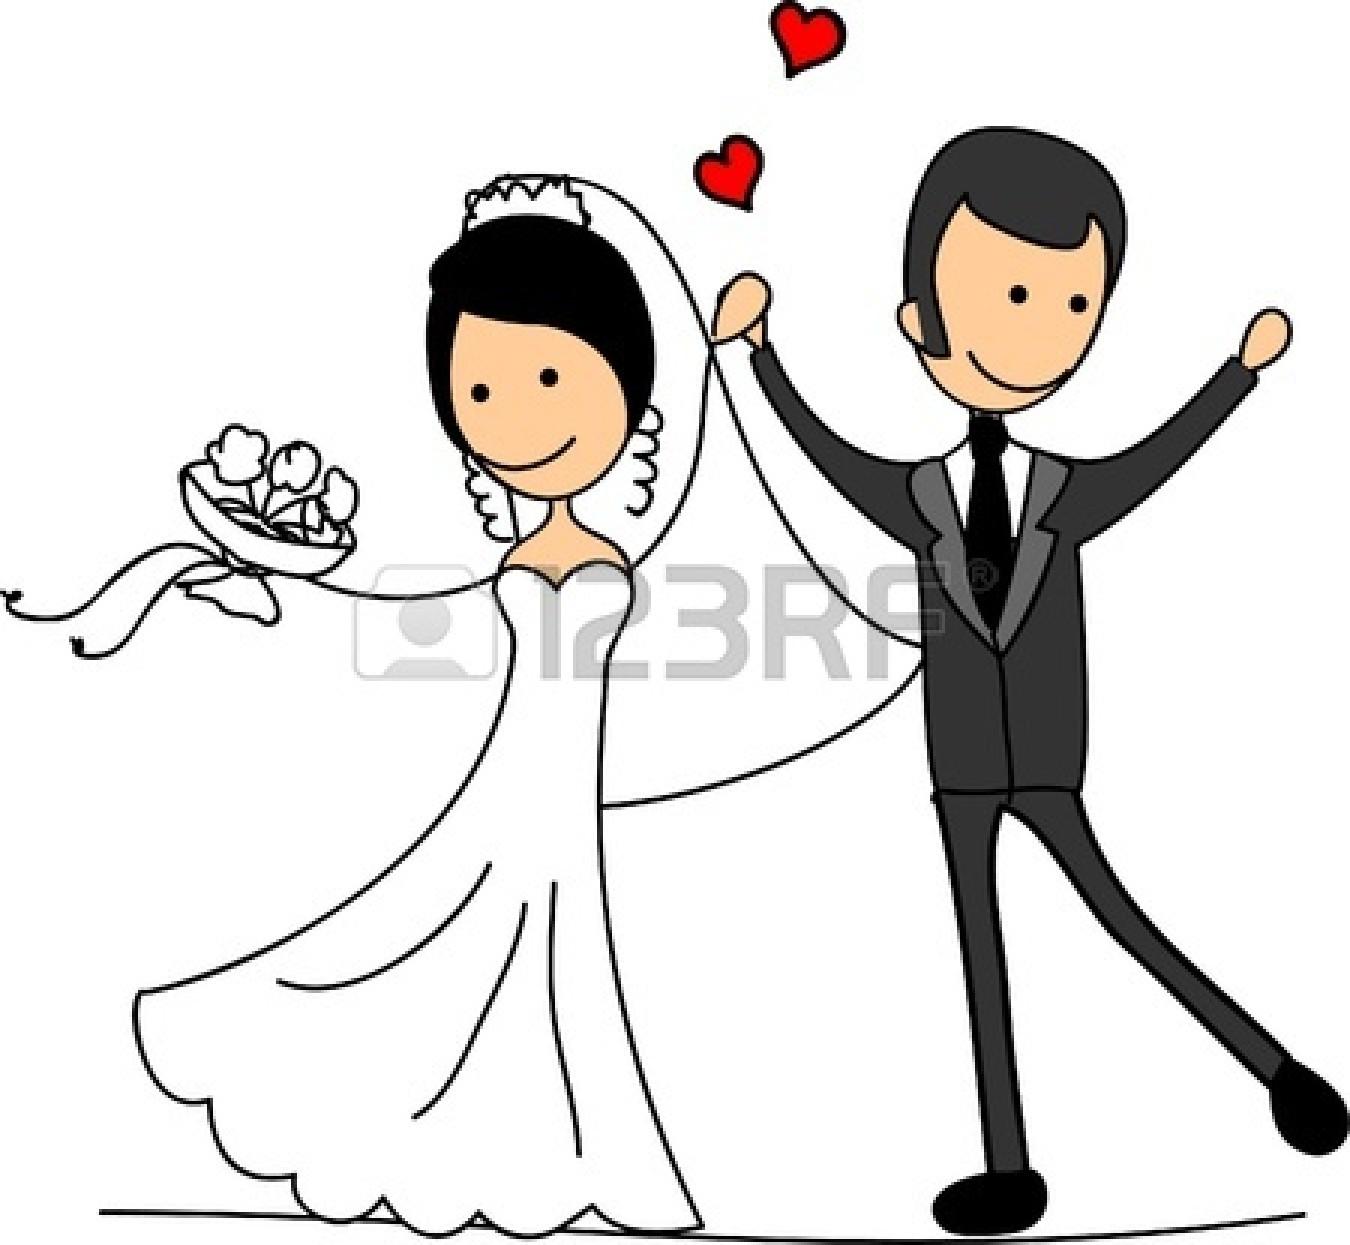 Bride images clip art.